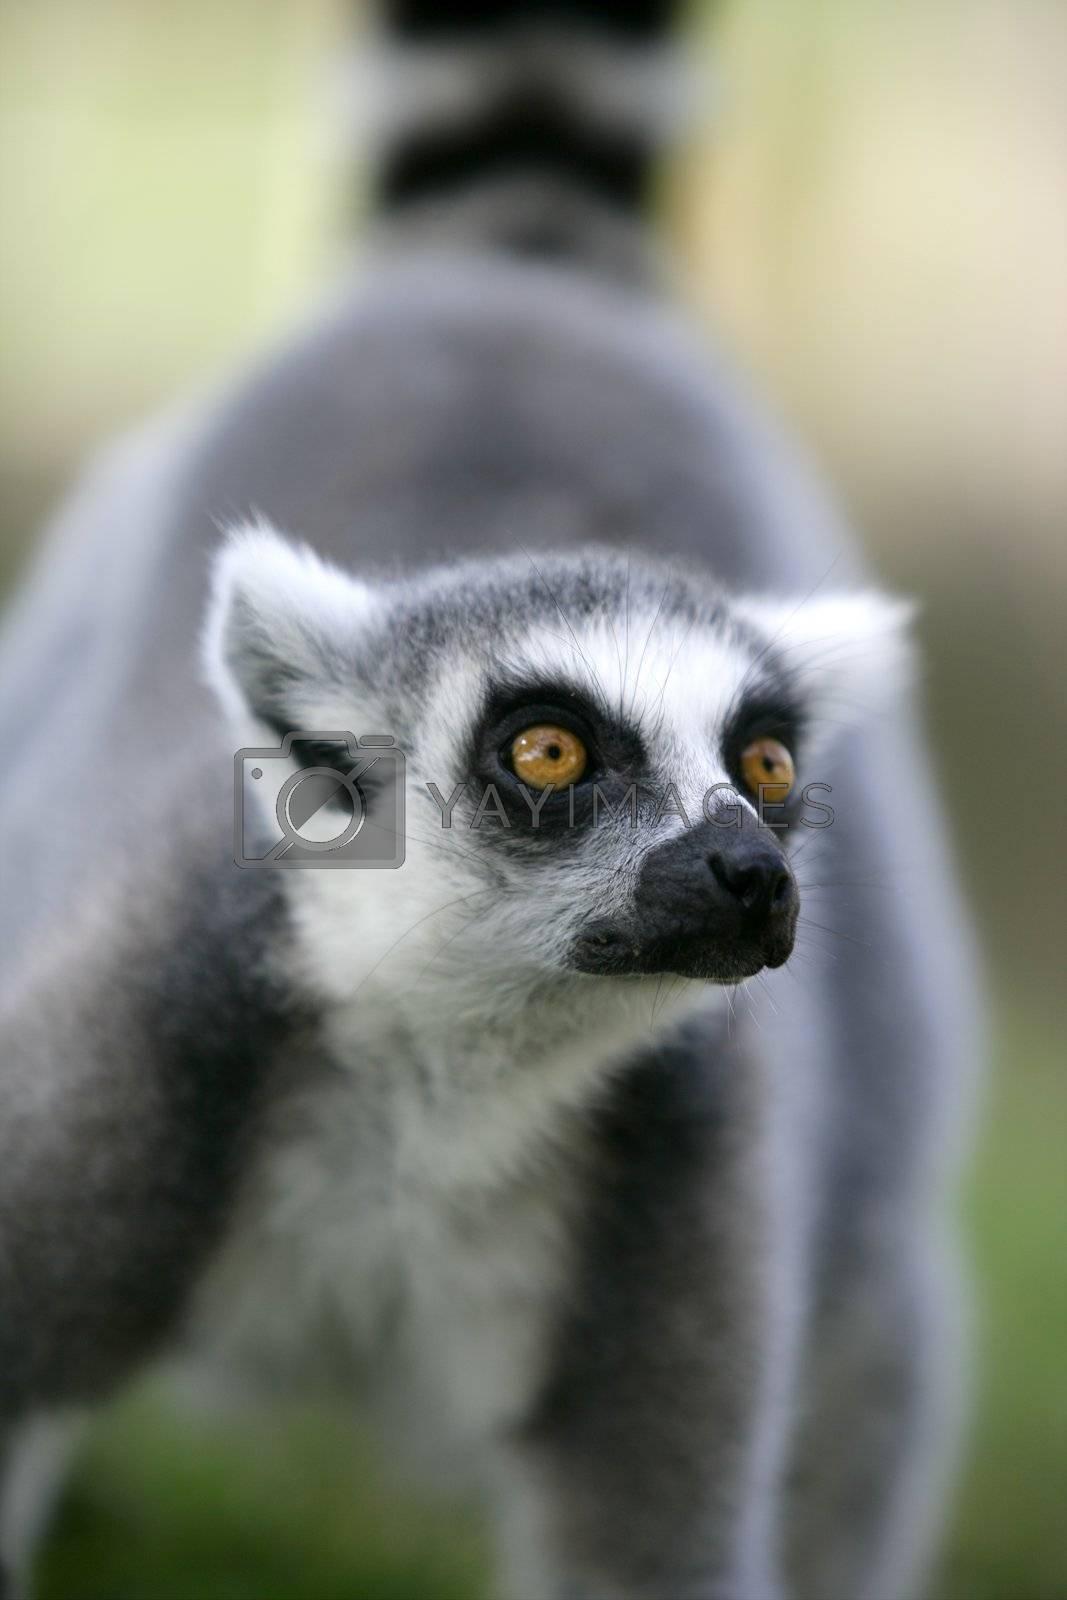 Royalty free image of Madagascar Ring Tailed Lemur by lunamarina